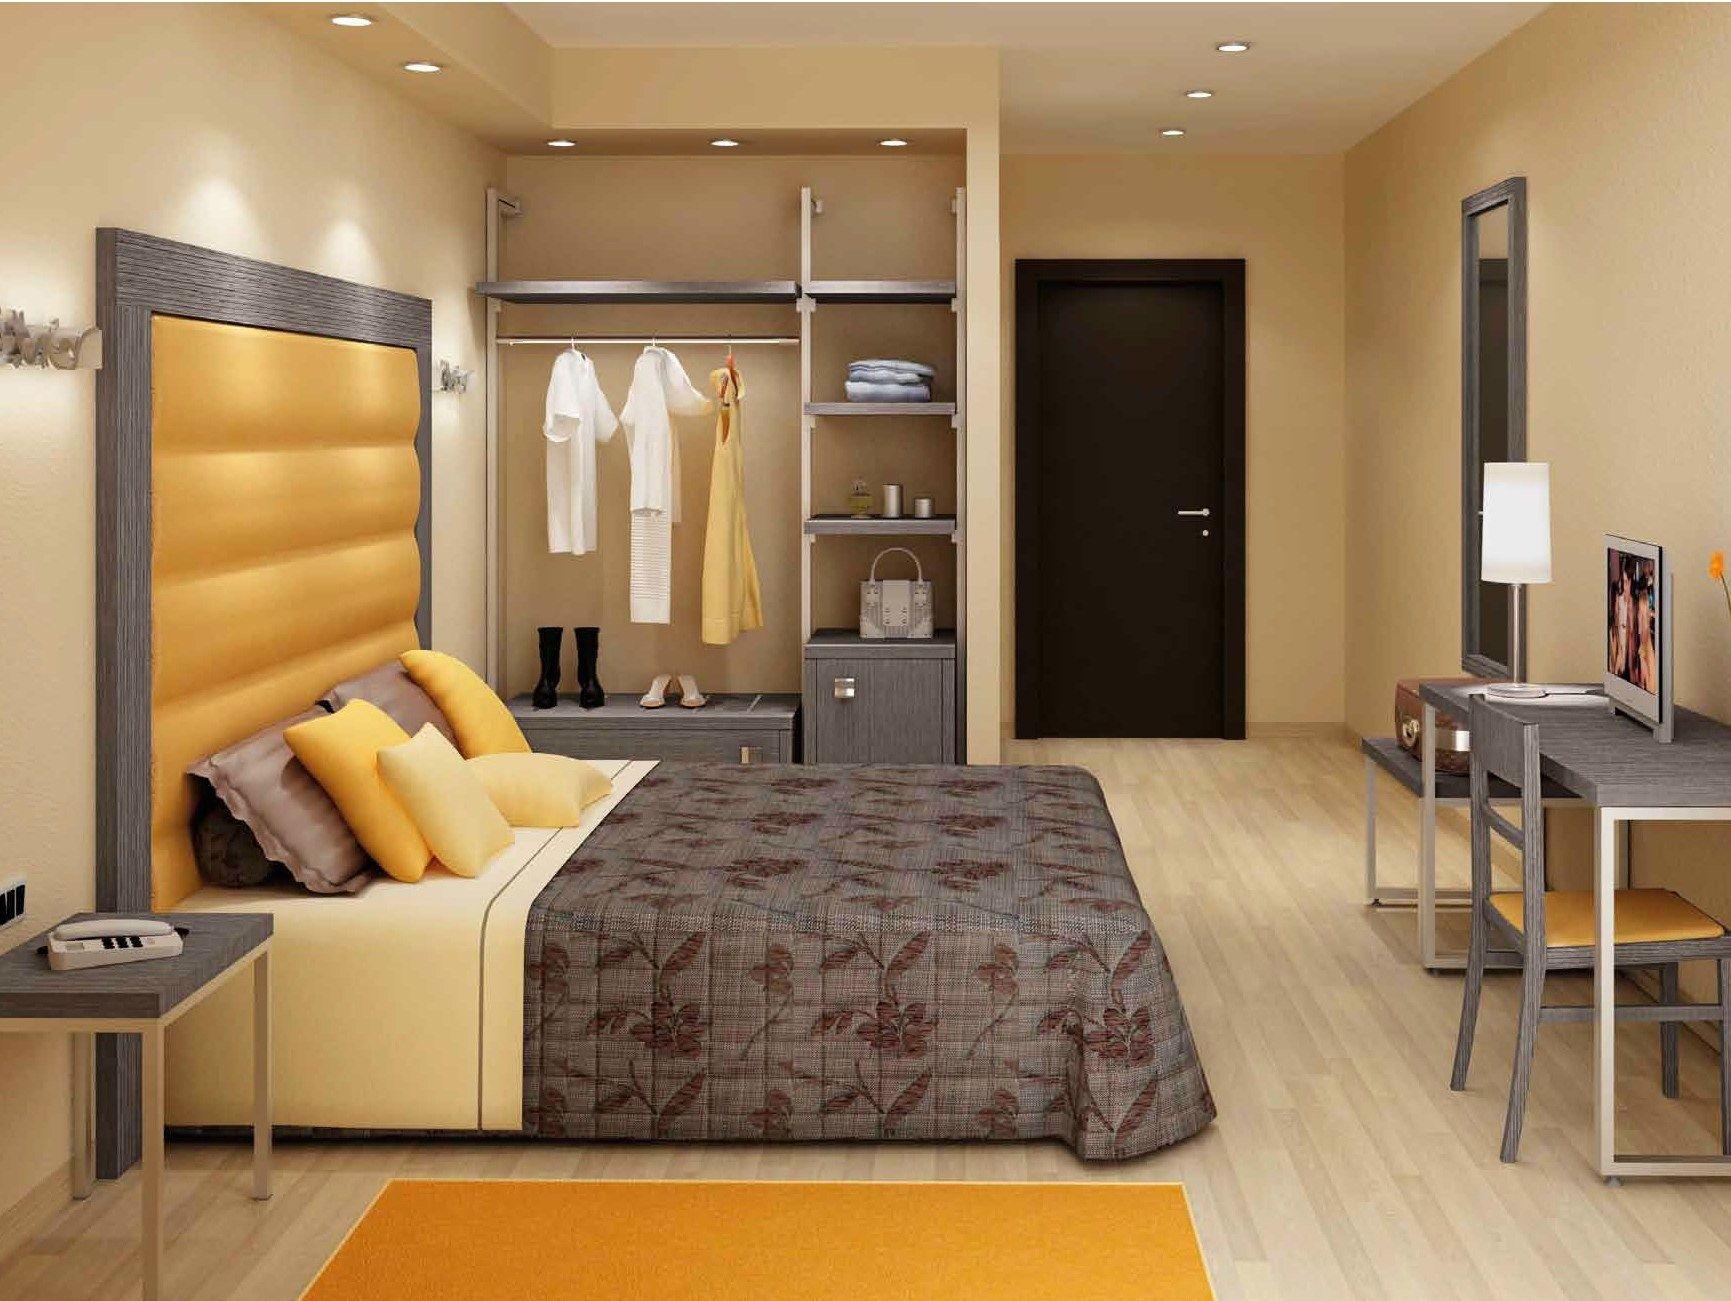 Zeus camera hotel by mobilspazio contract for Arredamento camere hotel prezzi